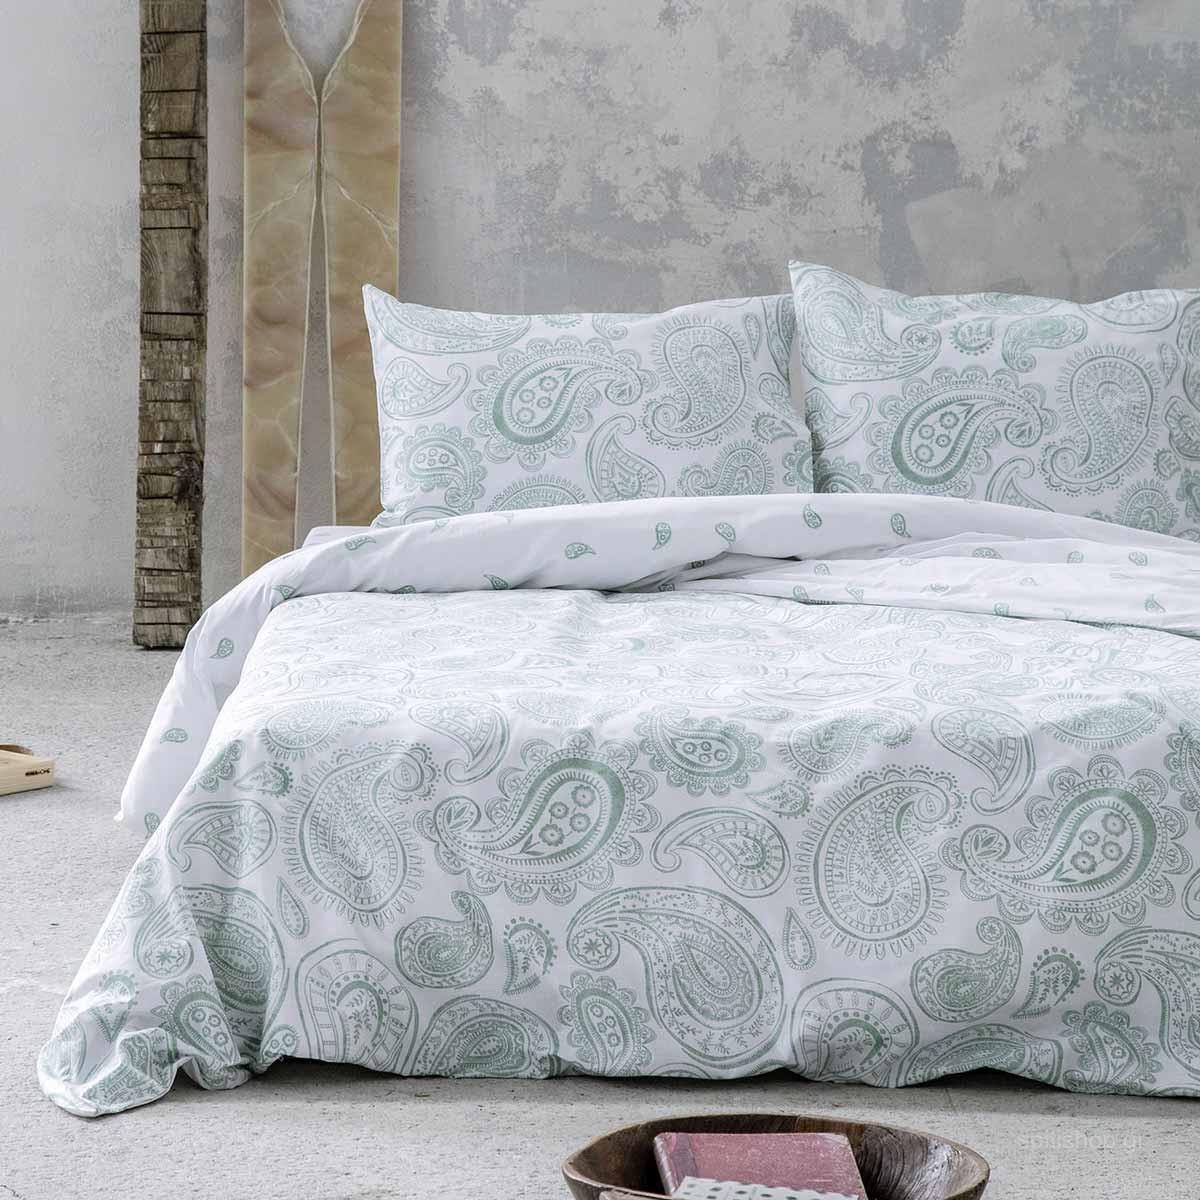 Σεντόνια King Size (Σετ) Nima Bed Linen Aditti Mint